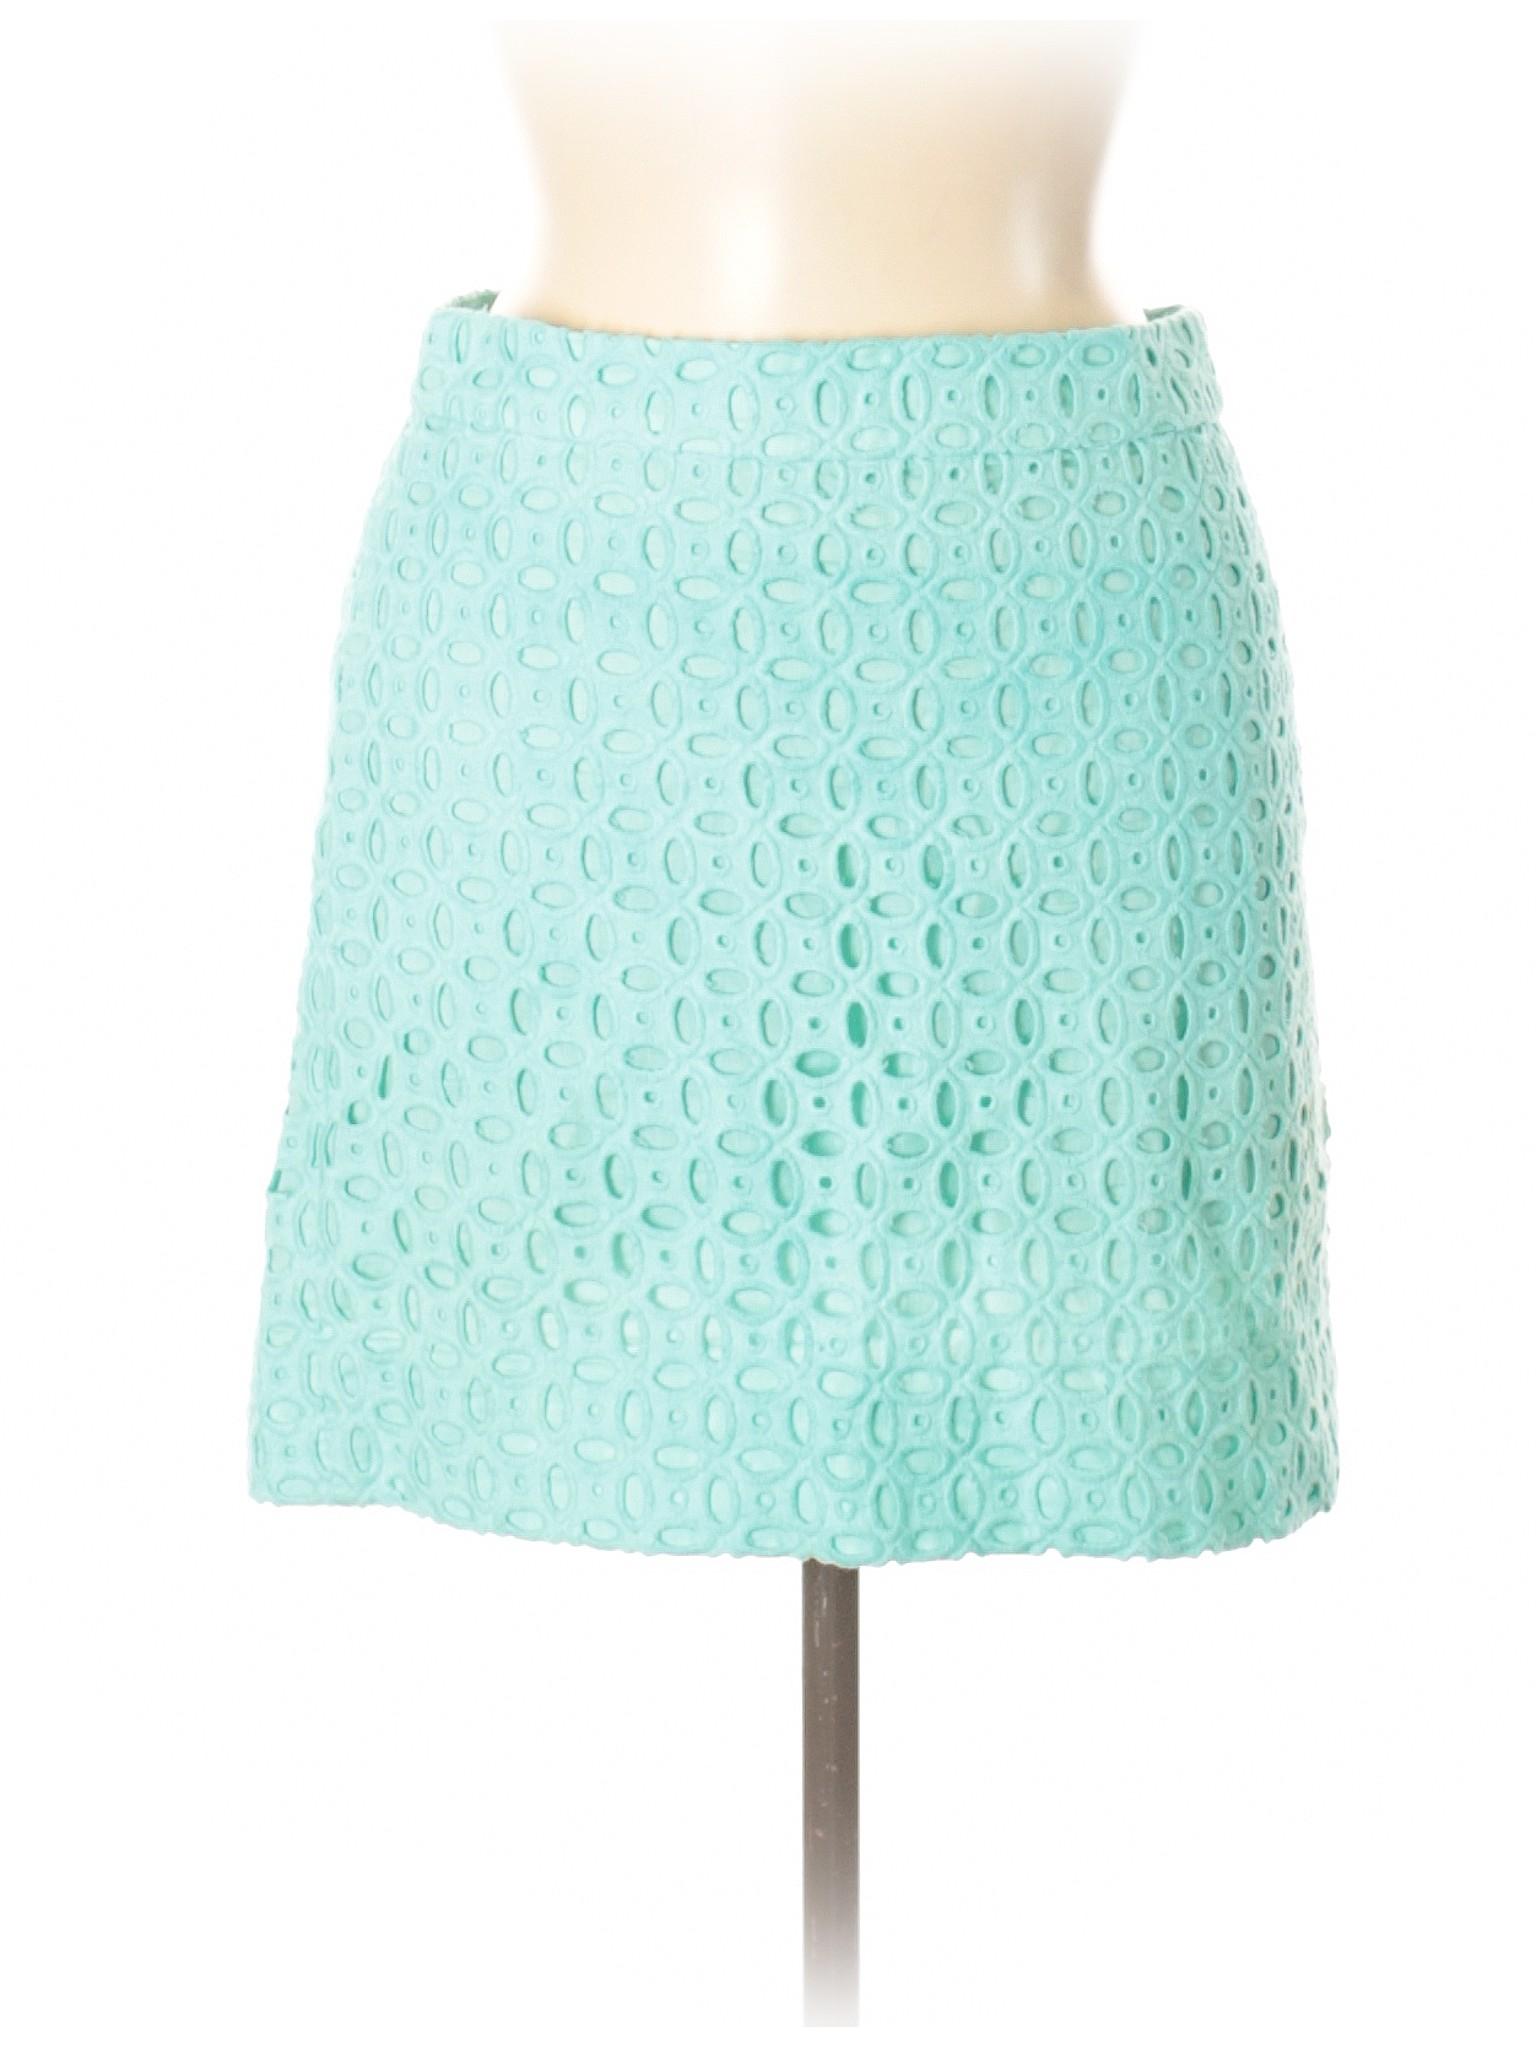 Casual Boutique Casual Skirt Boutique Boutique Skirt Casual 6nBfxXnHa